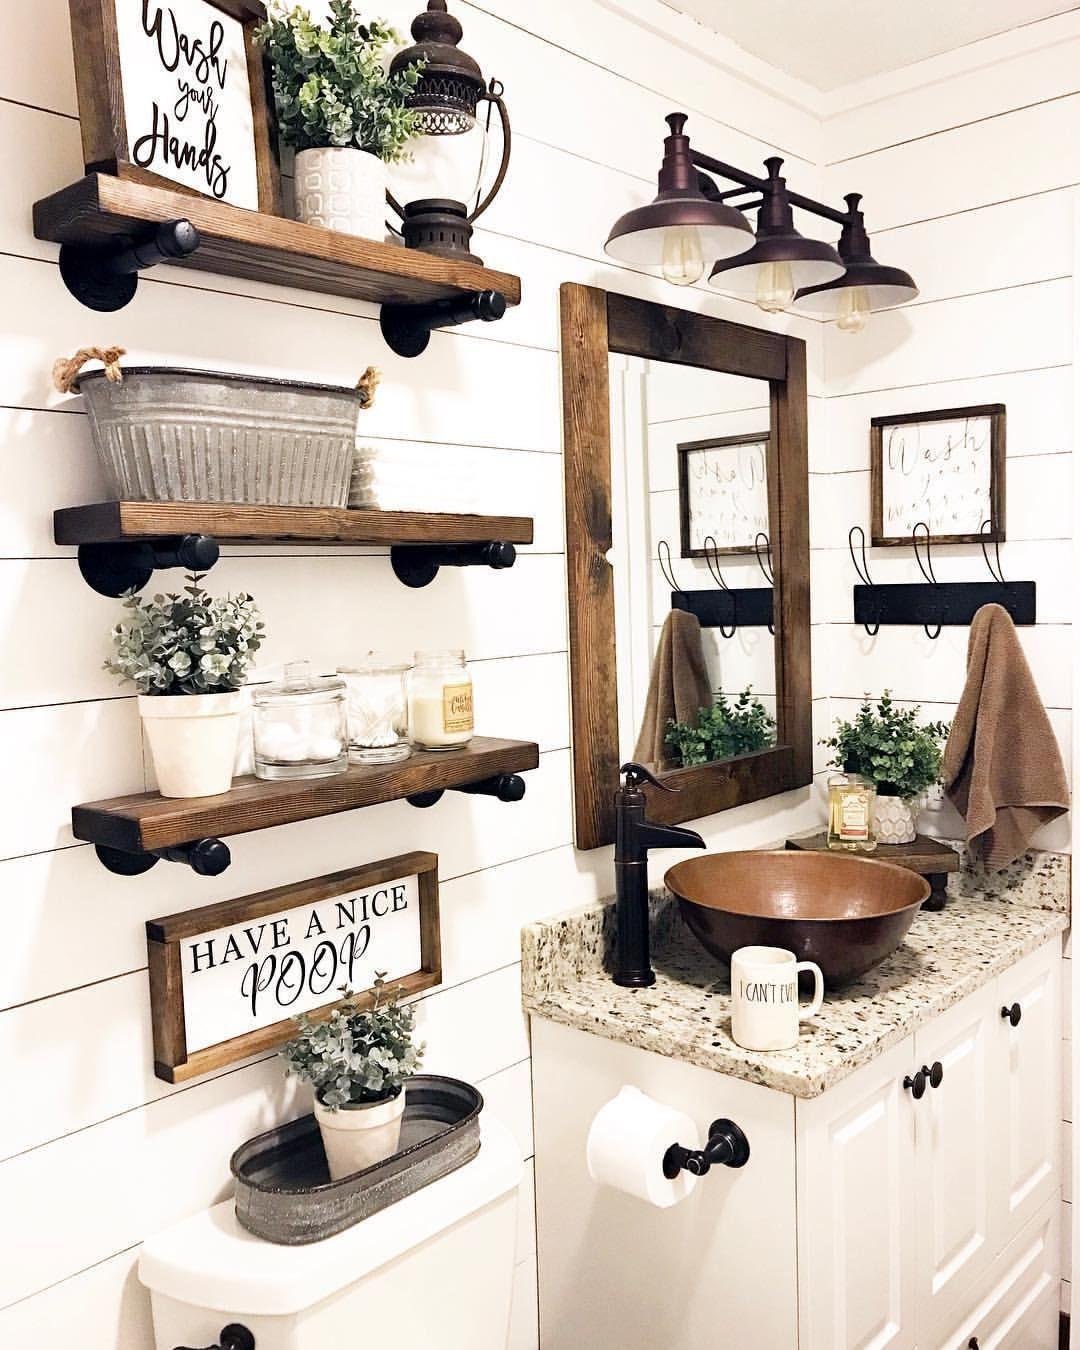 Inspiration Lovely Farmhouse Bathroom Ideas88 9